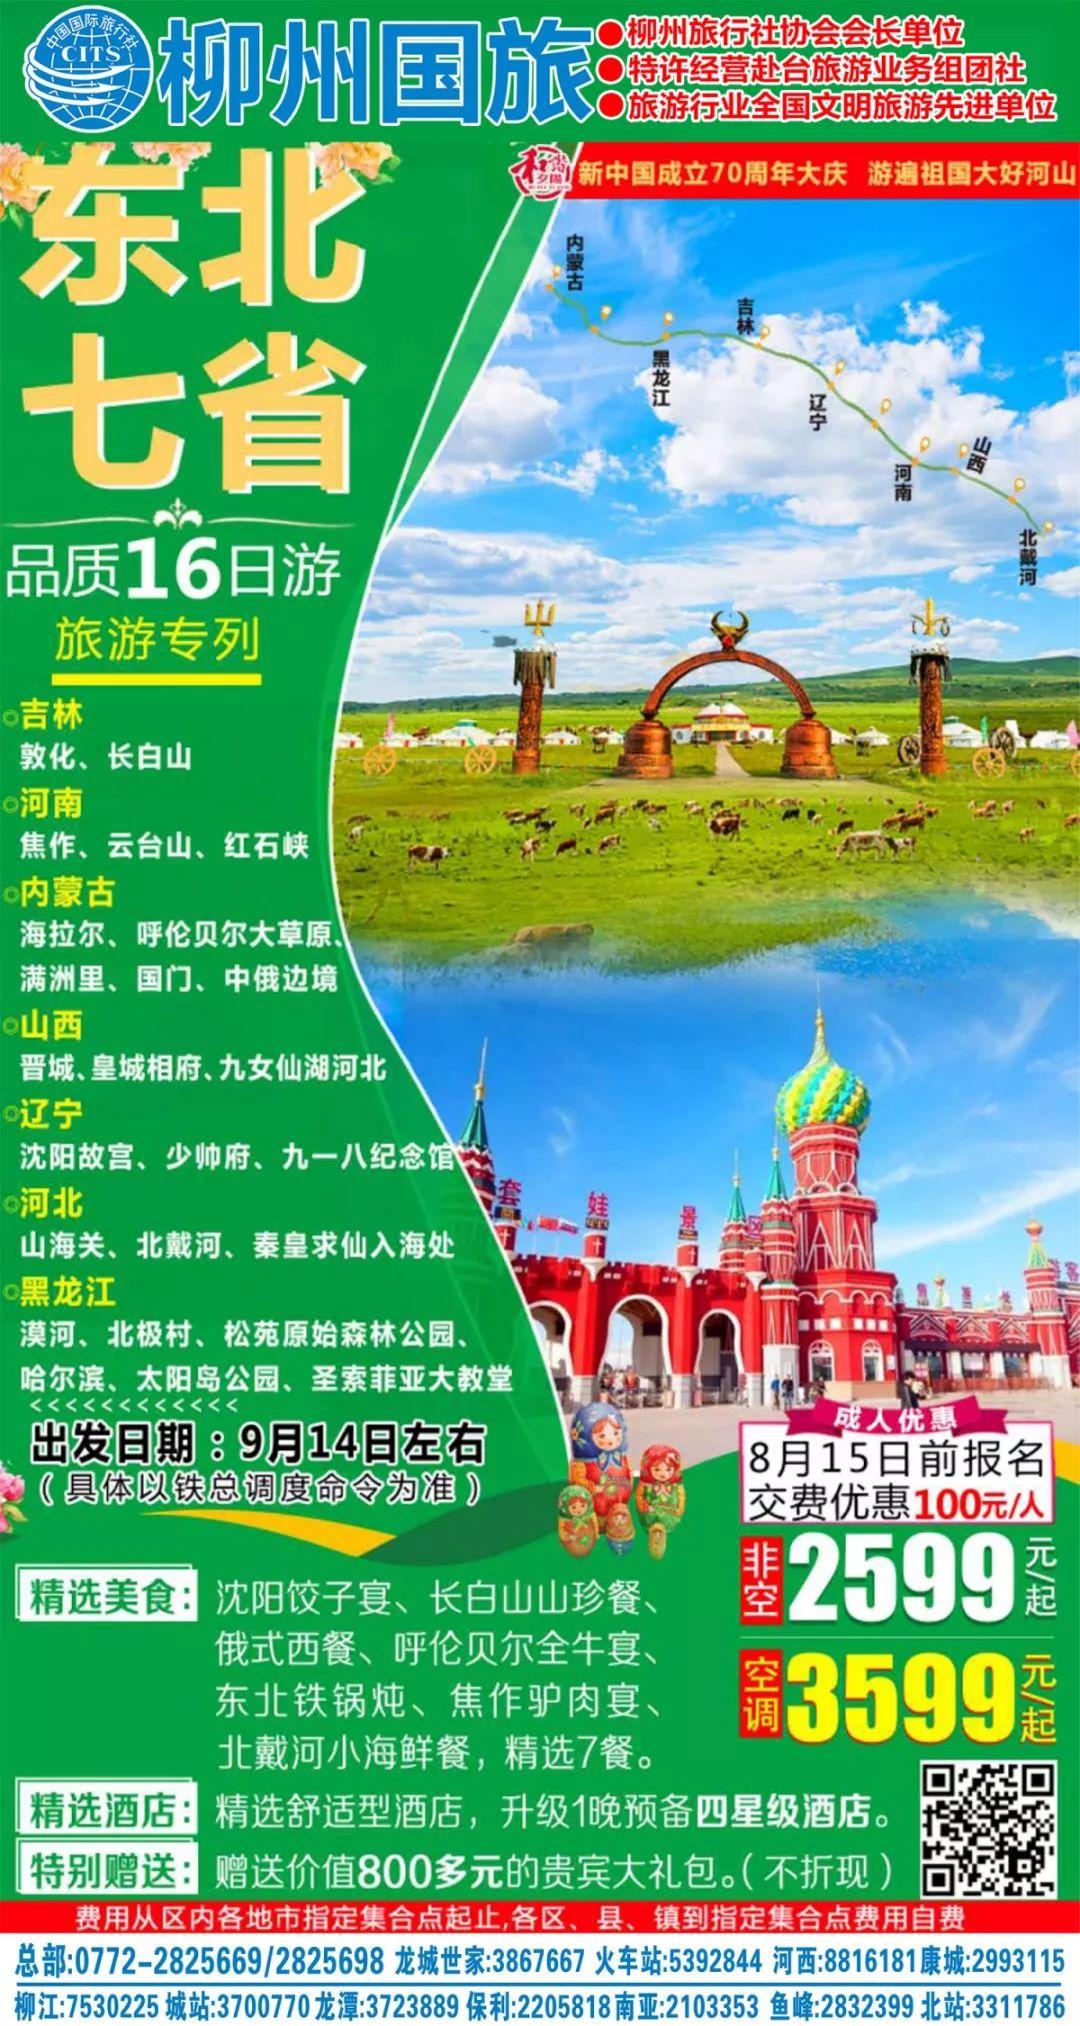 心动之旅,一次旅行等于别人7次旅行,  畅游河北+河南+山西+中俄边境+东北三省+内蒙草原风情!